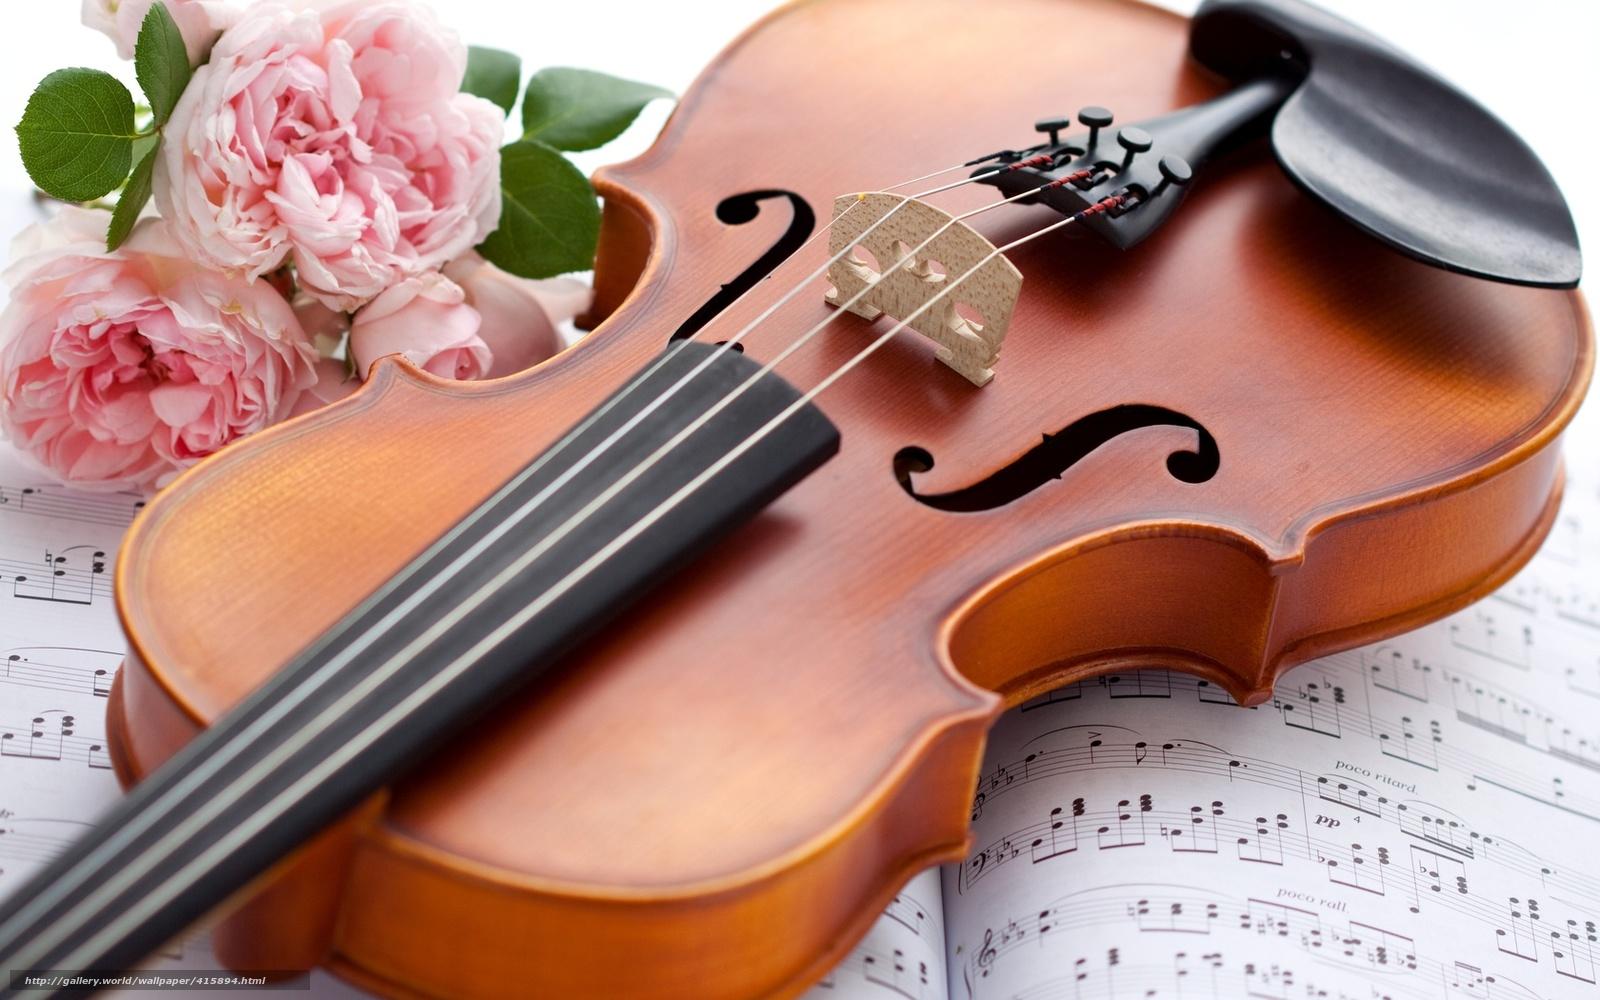 Tlcharger fond d 39 ecran violon instrument de musique roses fleurs fonds d 39 ecran gratuits pour - Photo d instrument de musique ...